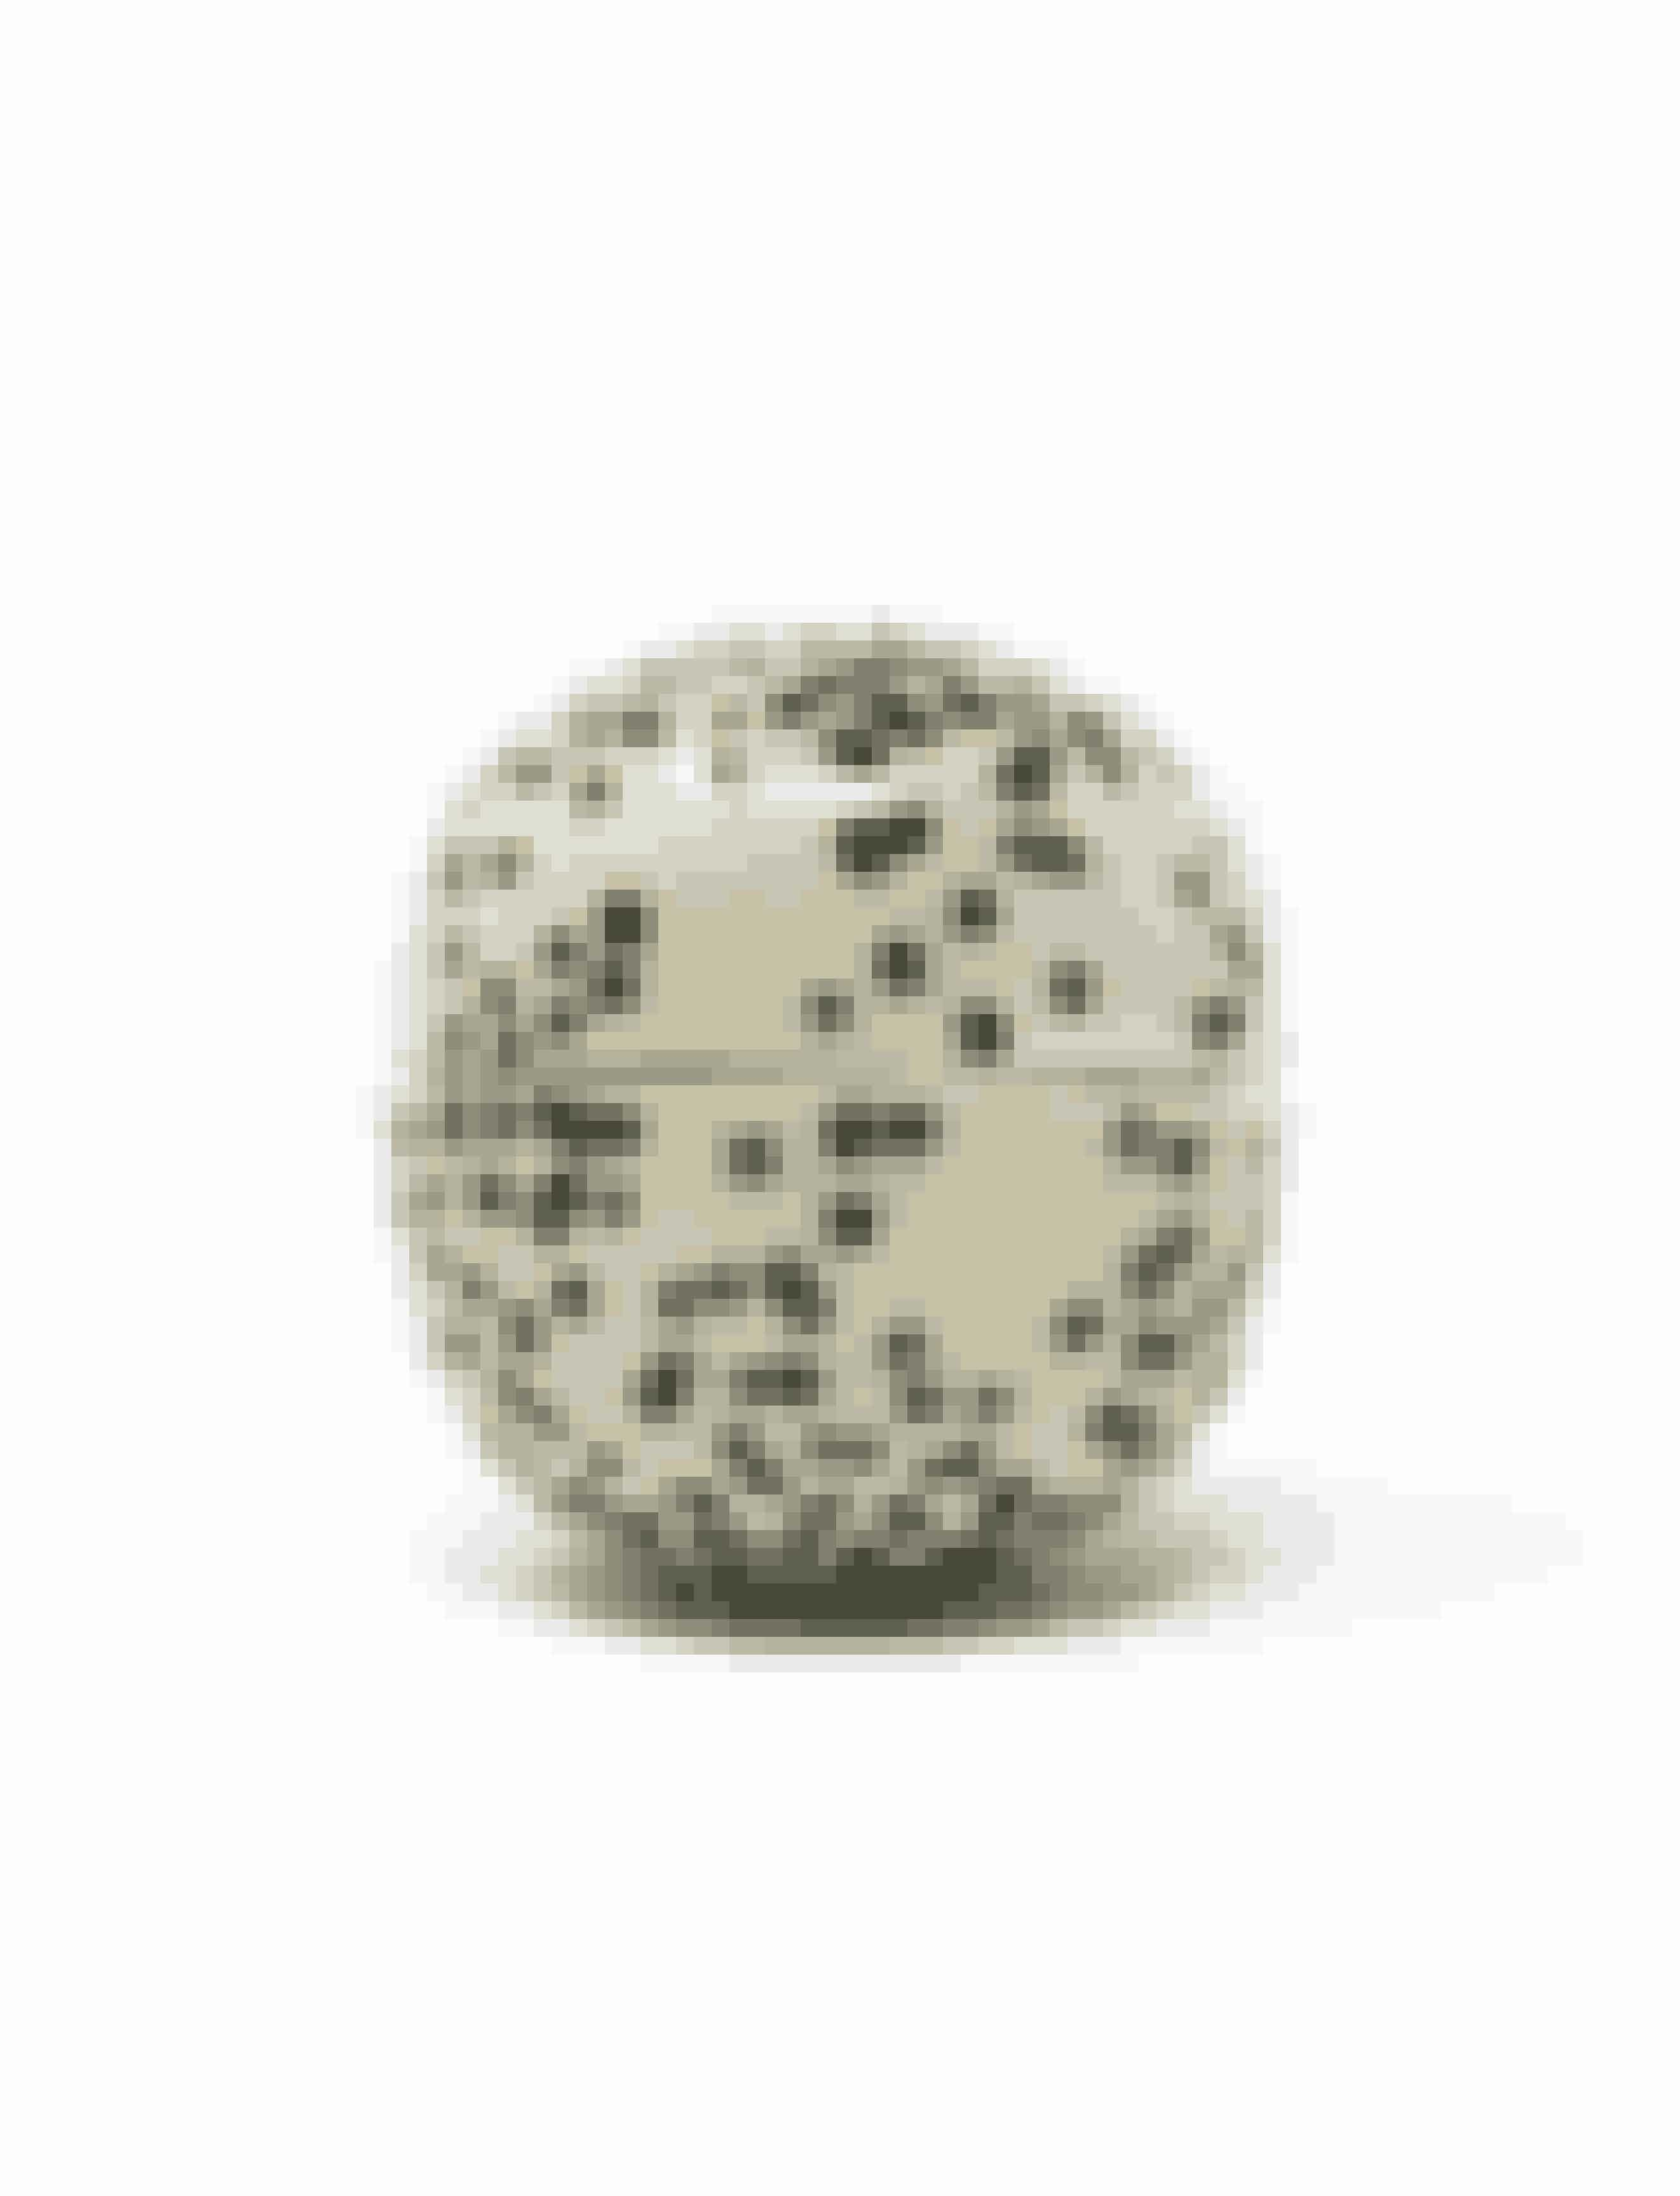 Den fineste lille lågkrukke til dimser og dutter.Lågkrukke, Meyer Lavigne for Stilleben, 650 kr.Køb online her.